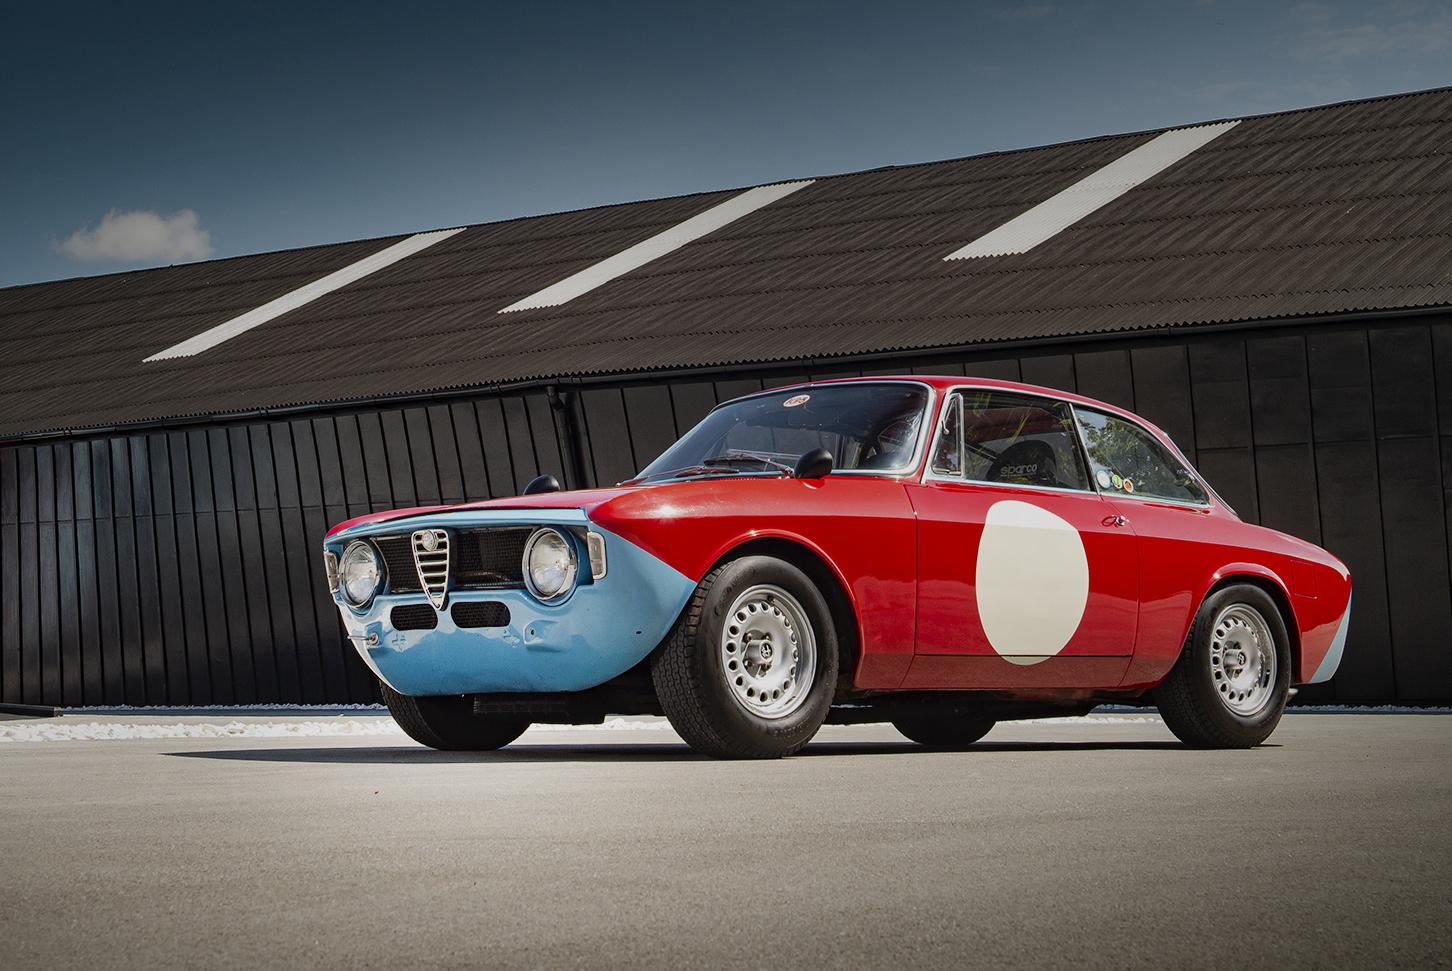 Alfa Romeo Completa 110 Anos Com Giulia De 540 Cv E Reabertura De Museu Quatro Rodas